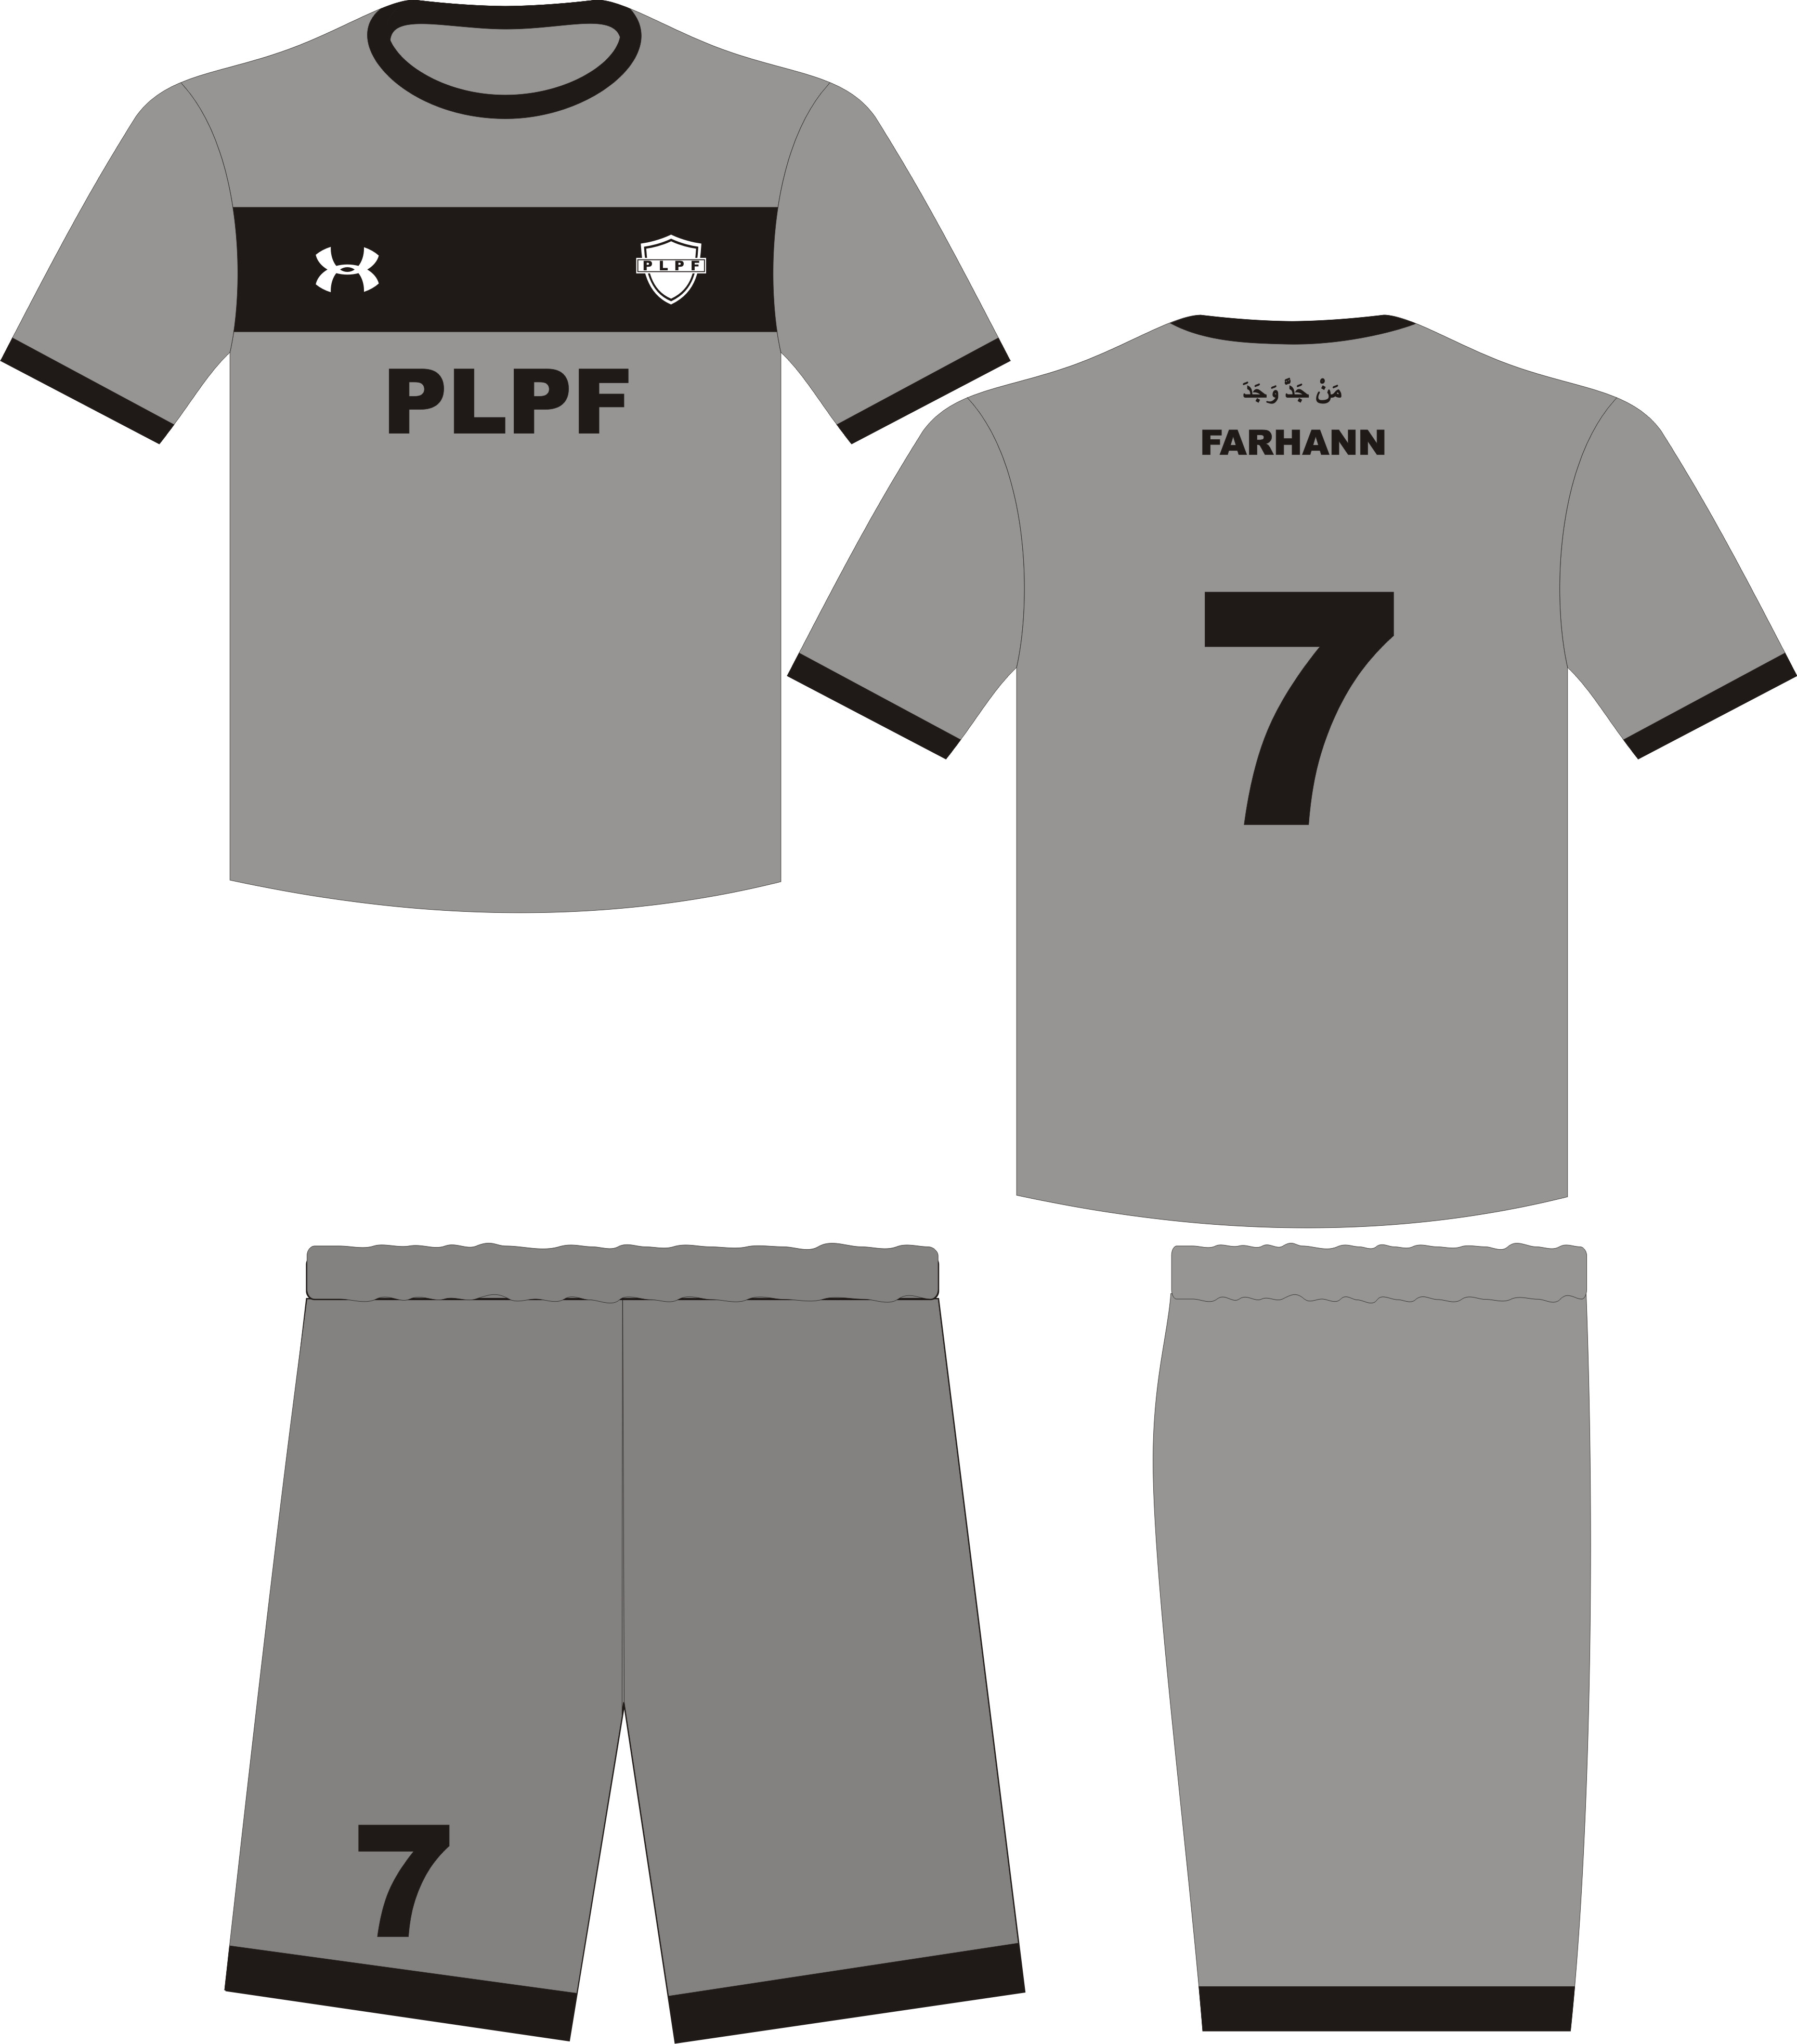 Kaos Jersey PLPF, Kostum Olah Raga